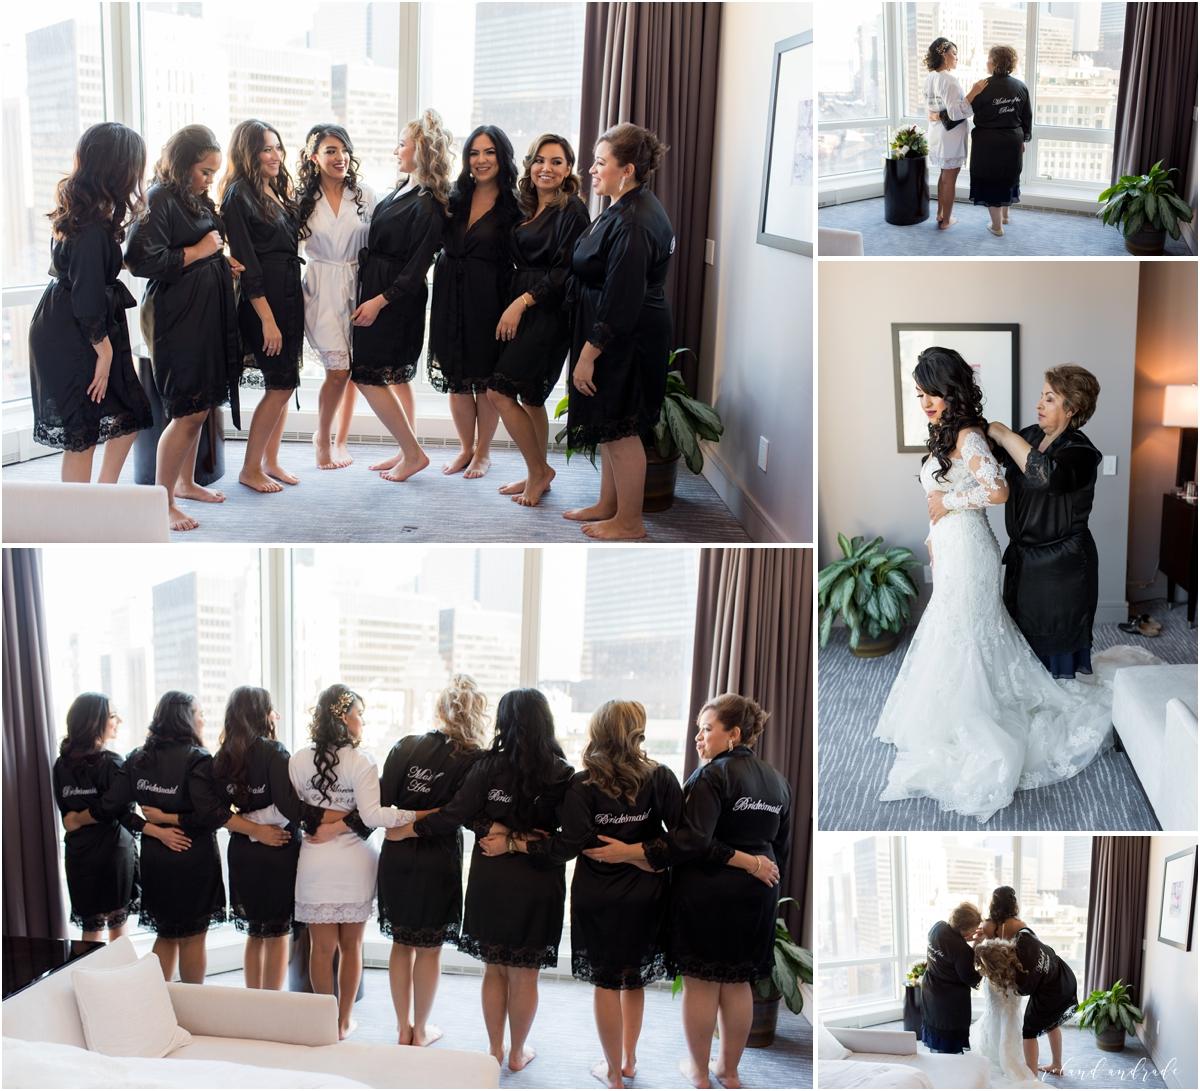 Chateau Busche Wedding in Alsip, Chateau Busche Wedding Photographer, Alsip Wedding Photography Millenium Park First Look, Trump Tower Wedding_0024.jpg